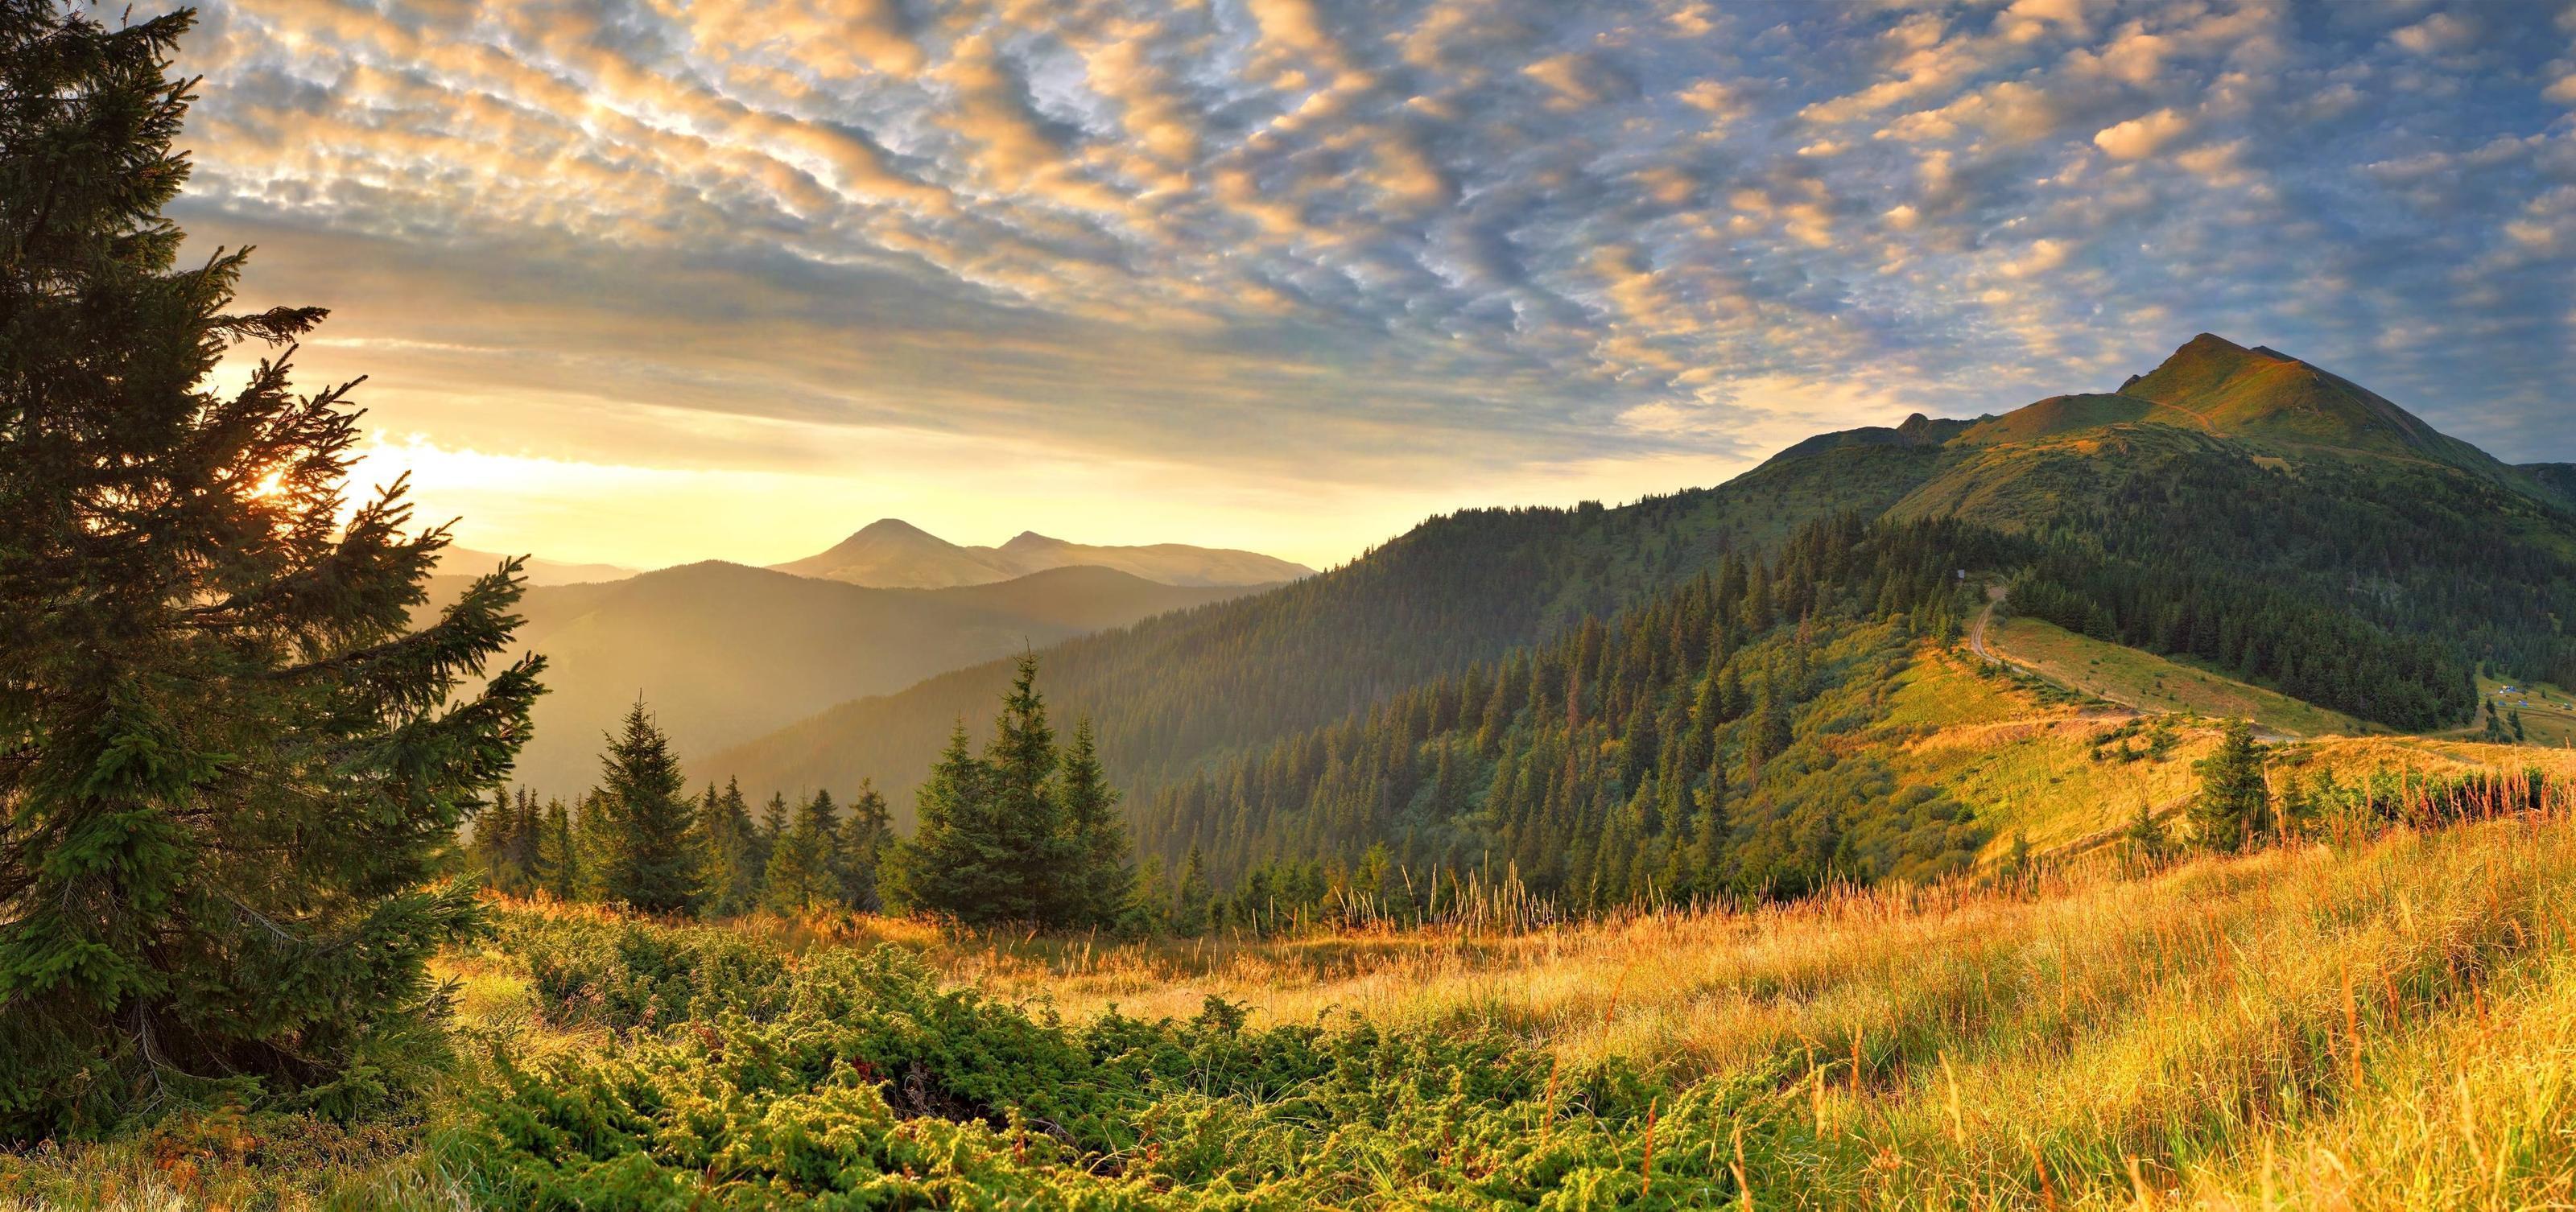 Landscape Backgrounds Image